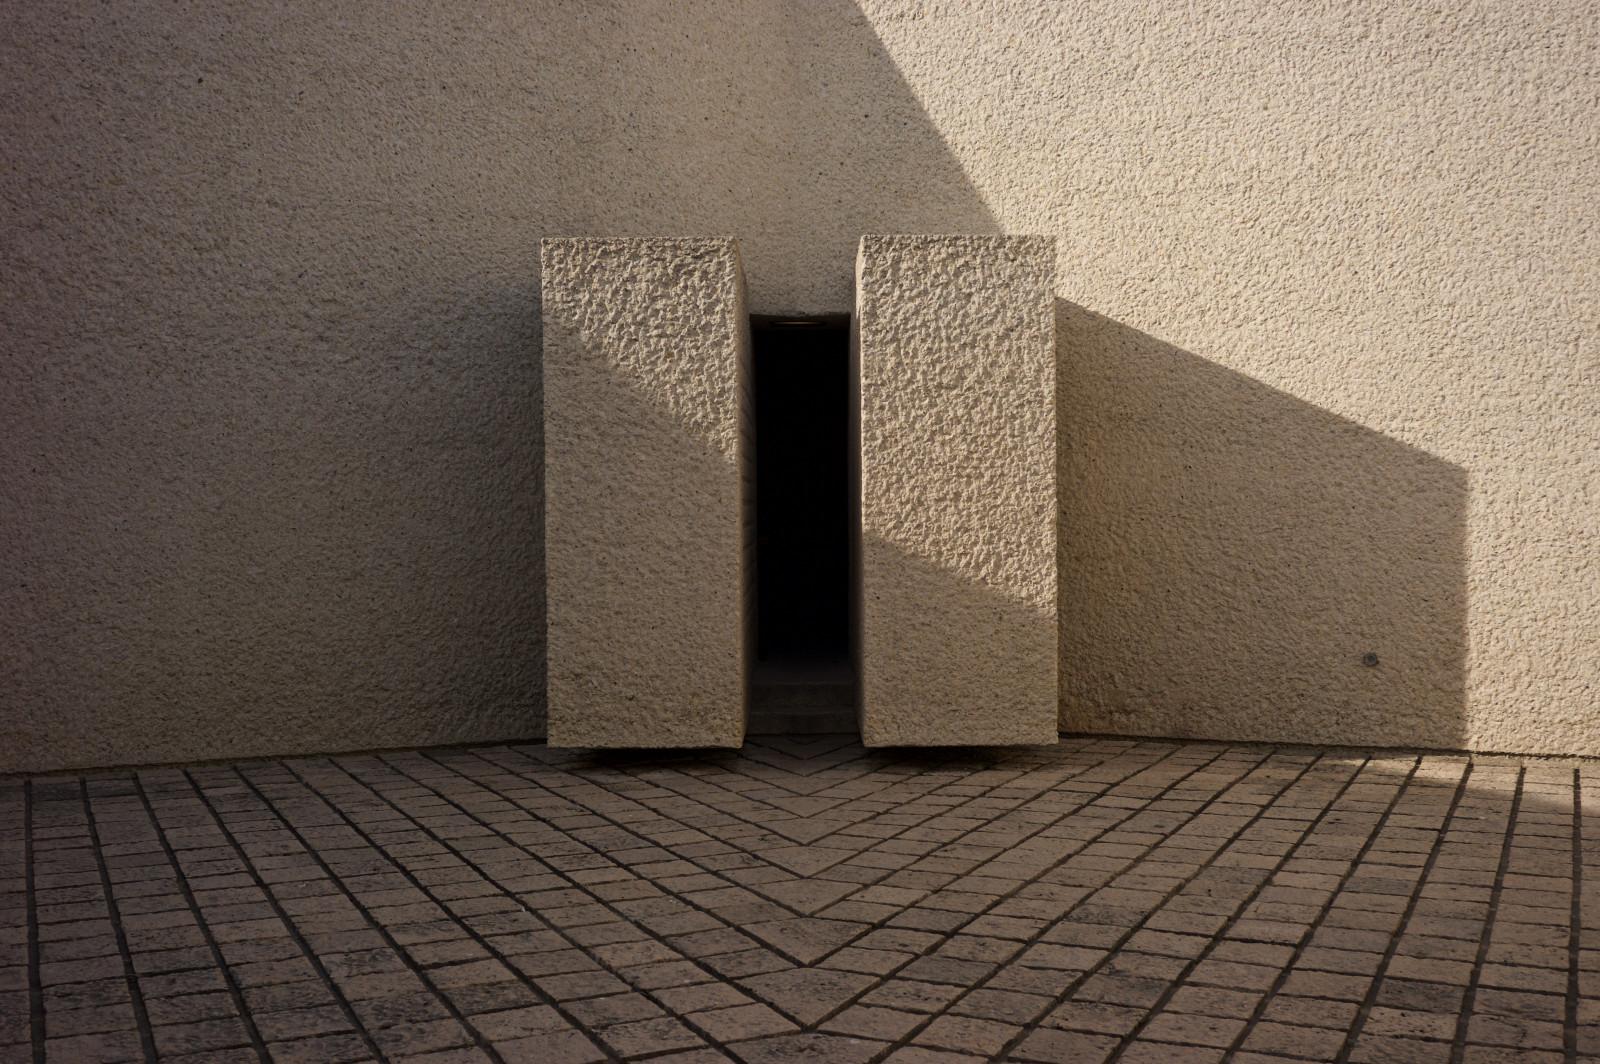 デスクトップ壁紙 壁 光 建築 影 レンガ 角度 床 テクスチャ